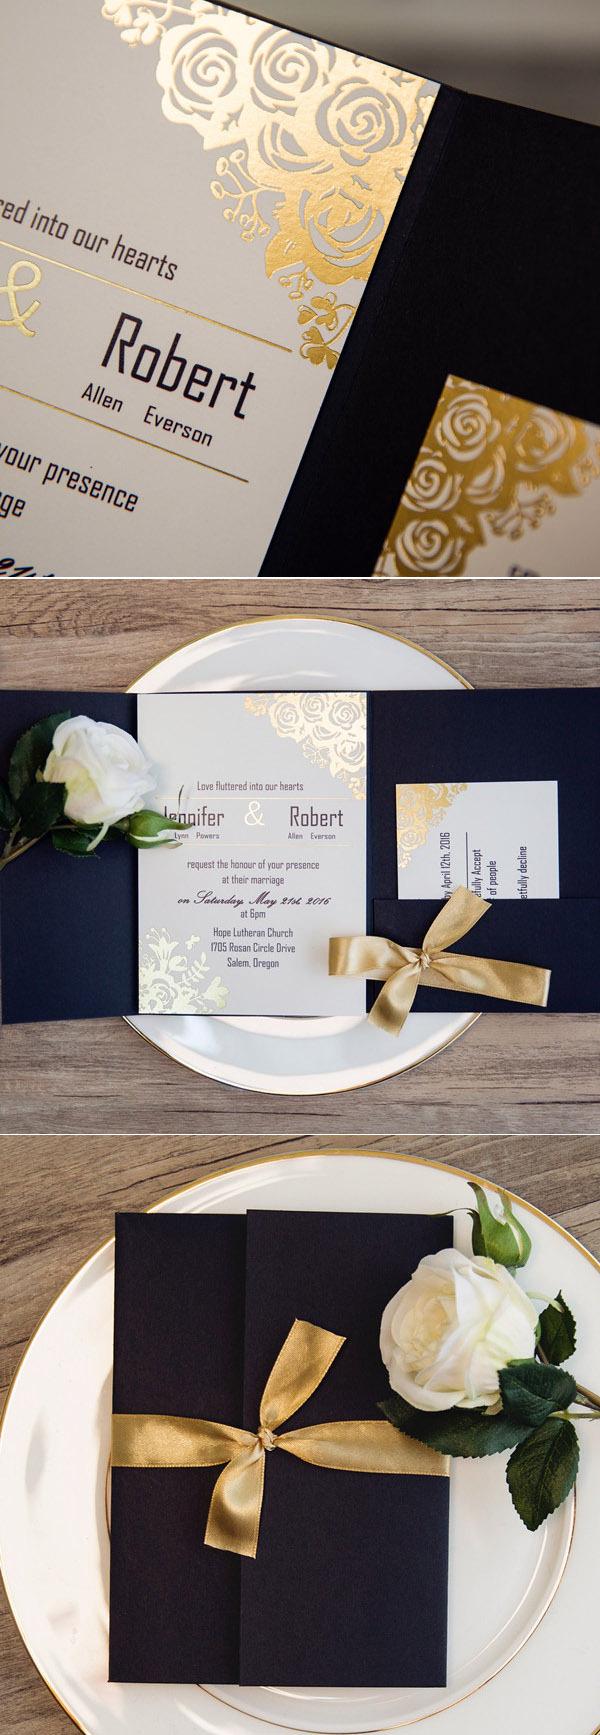 Thiệp cưới với những chi tiết phủ nhũ vàng trông rất sang trọng